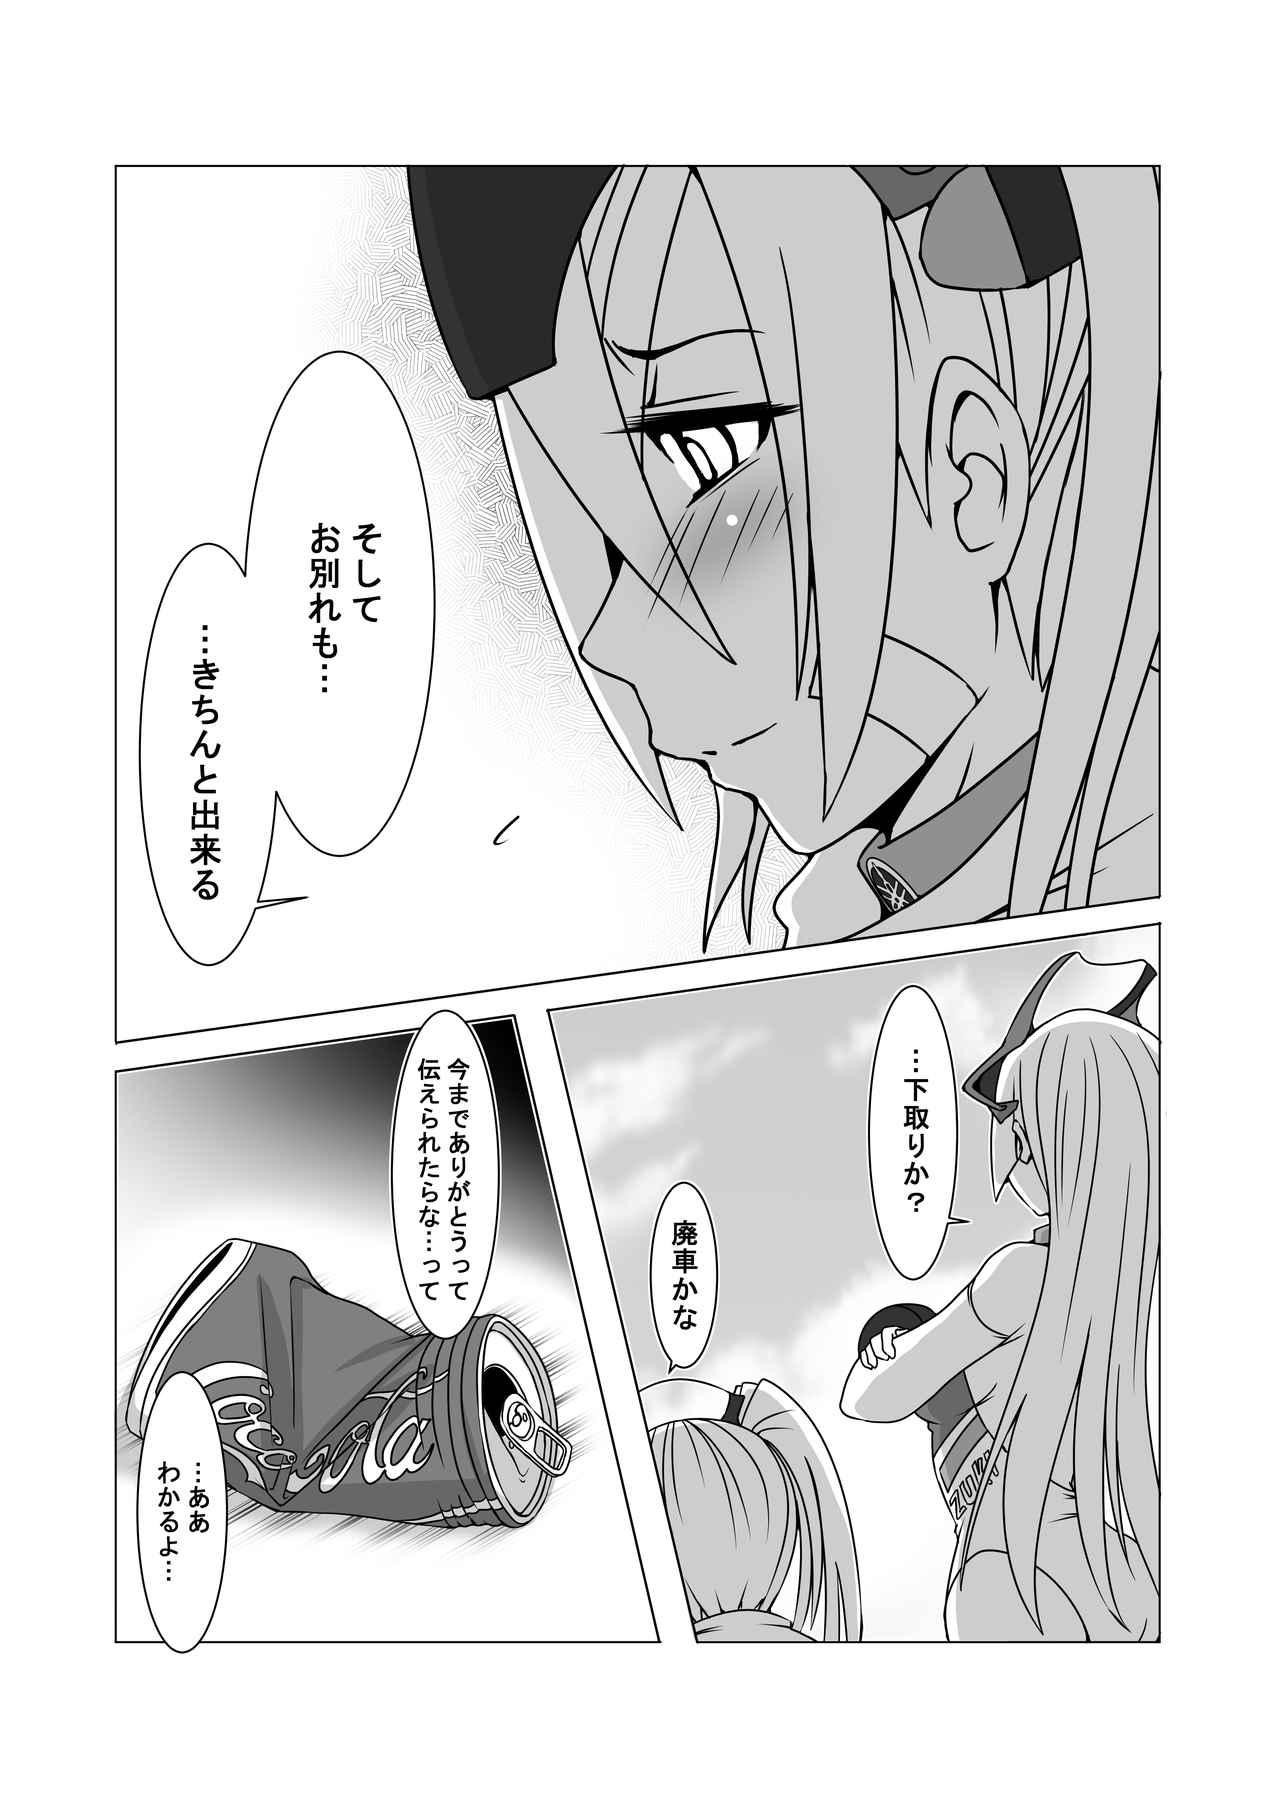 画像4: 『バイク擬人化菌書』連載:モテ期!?(第12話 Shall we talk!?) 作:鈴木秀吉